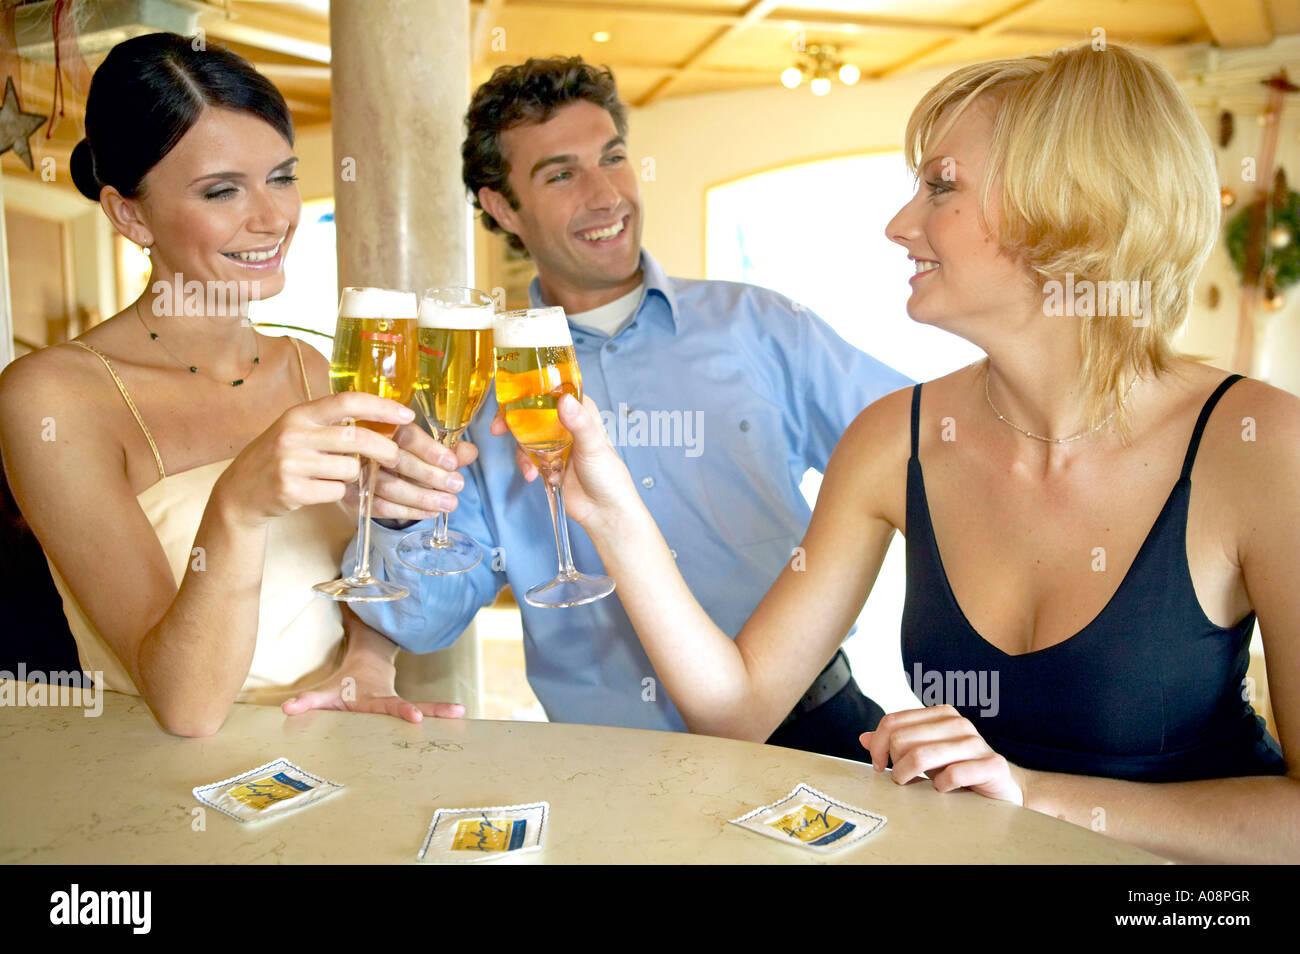 Mann flirtet mit allen